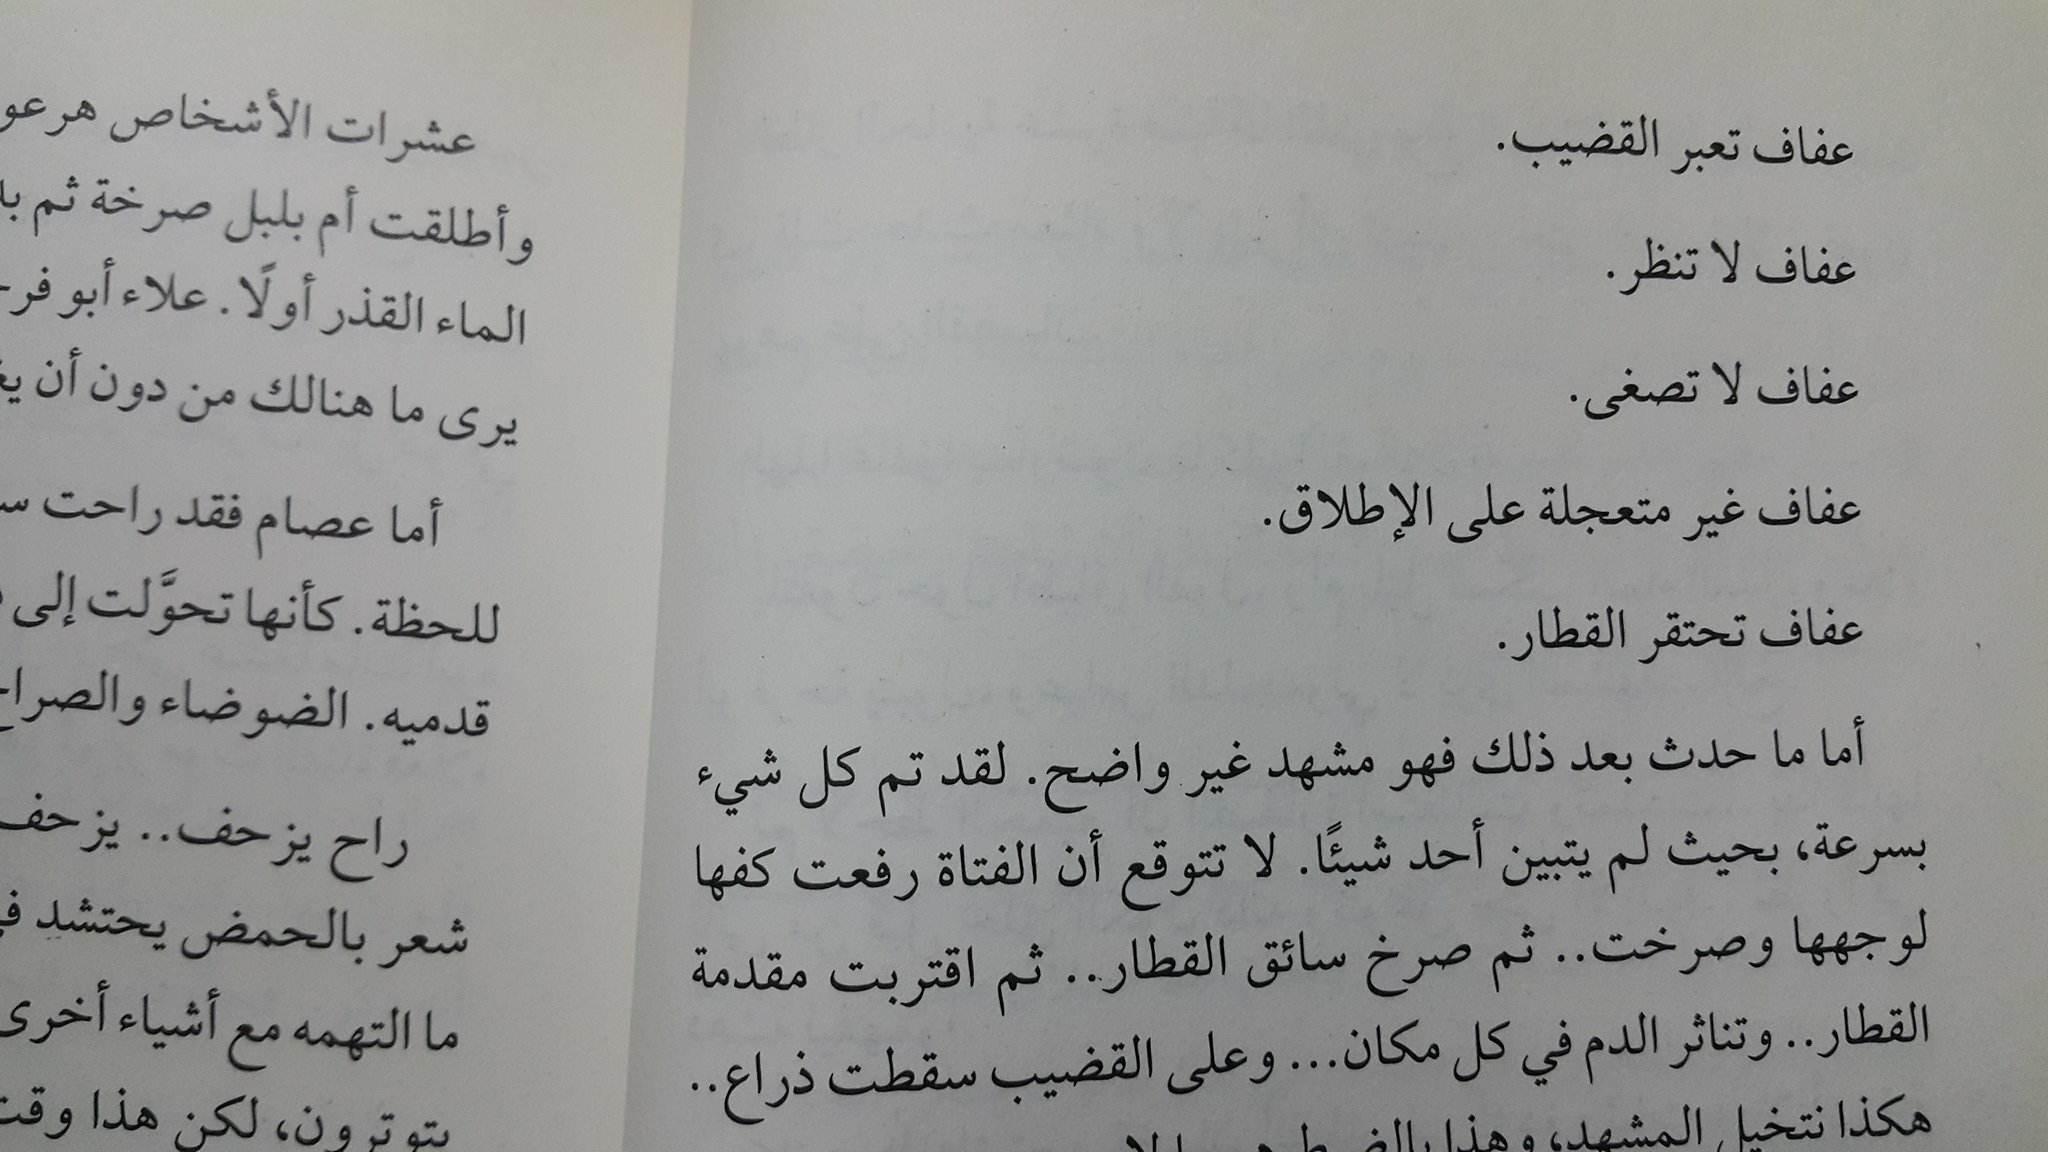 لحظة انتحار عفاف في رواية السنجة للدكتور أحمد خالد توفيق